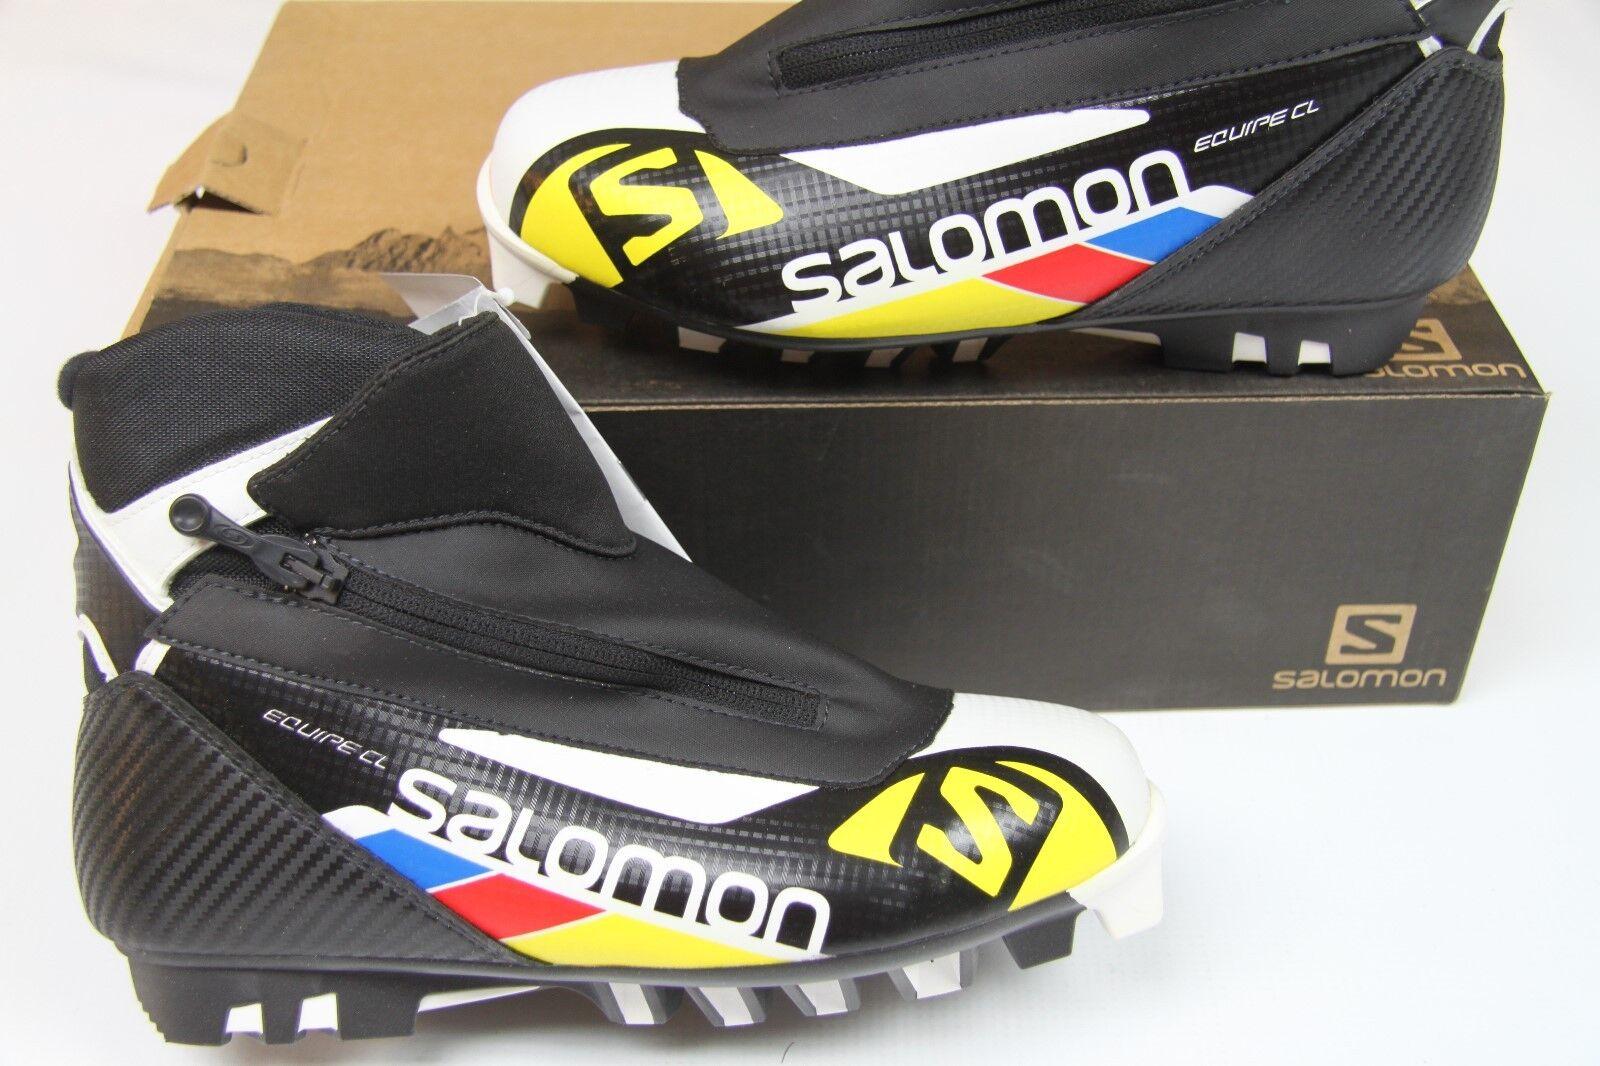 Salomon Equipe Classic Nordic Ski Boots EUR 38 US 5.5 Prt 13311 - $191.73